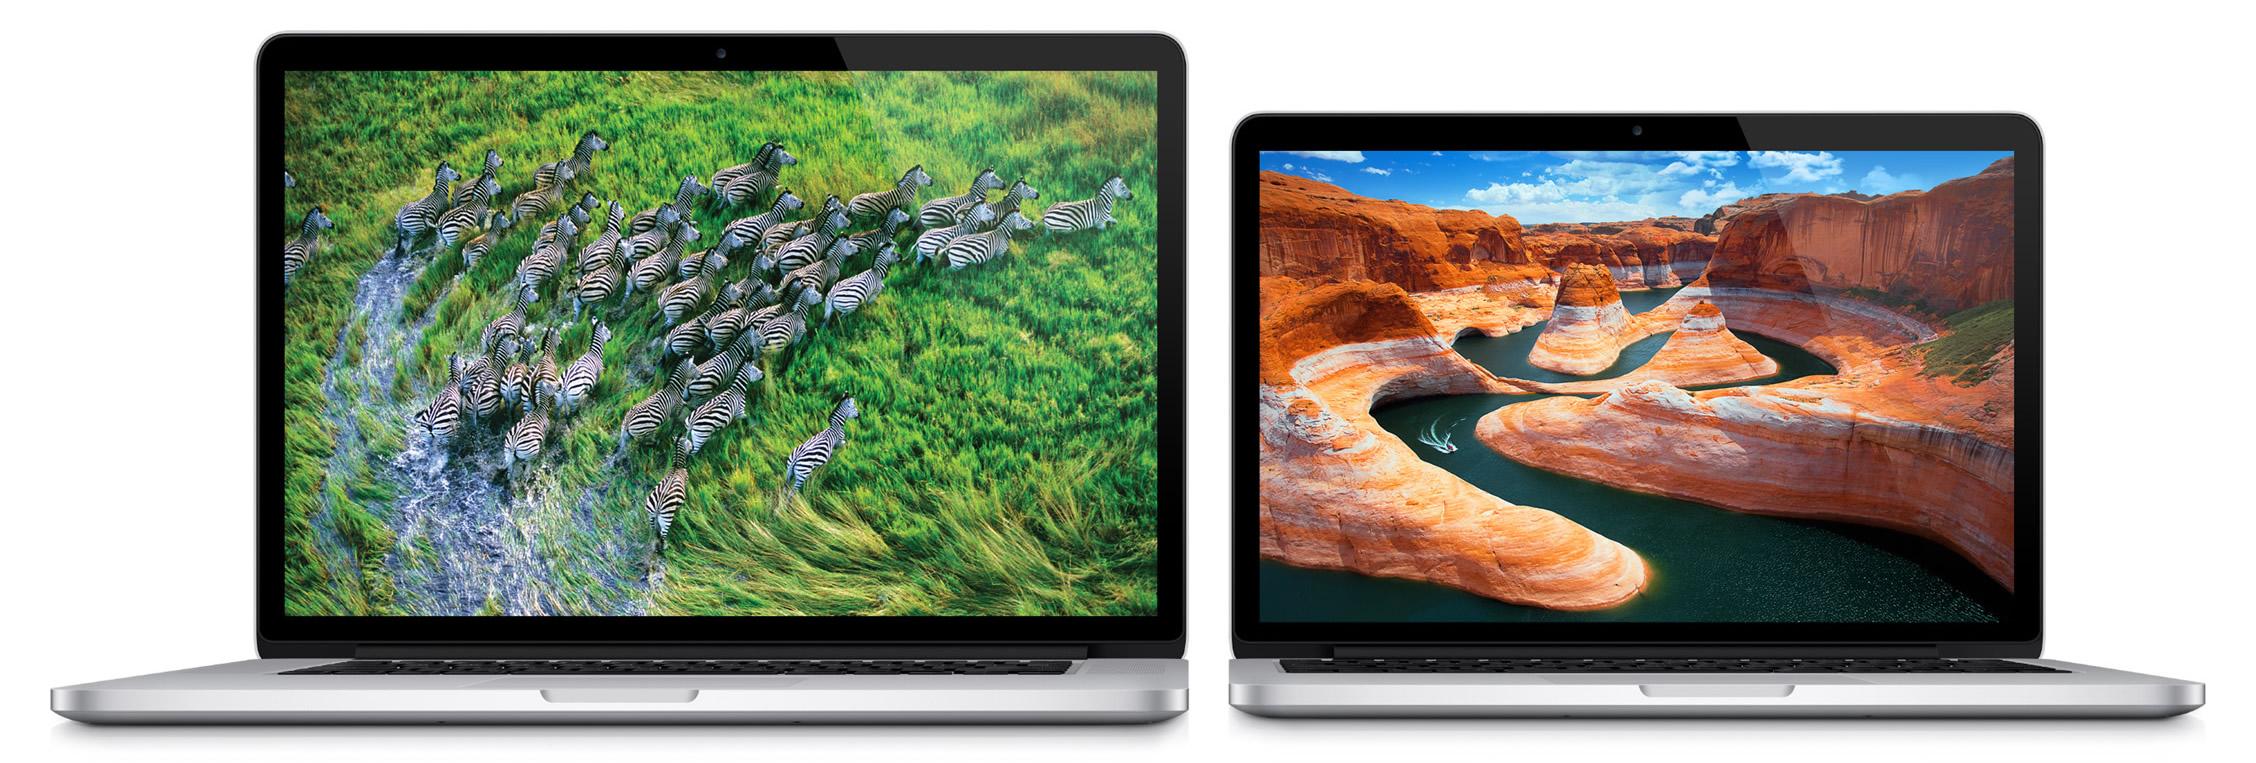 Apple macbook pro 13 z0qp00008 retina купить в киеве, харькове - macuser